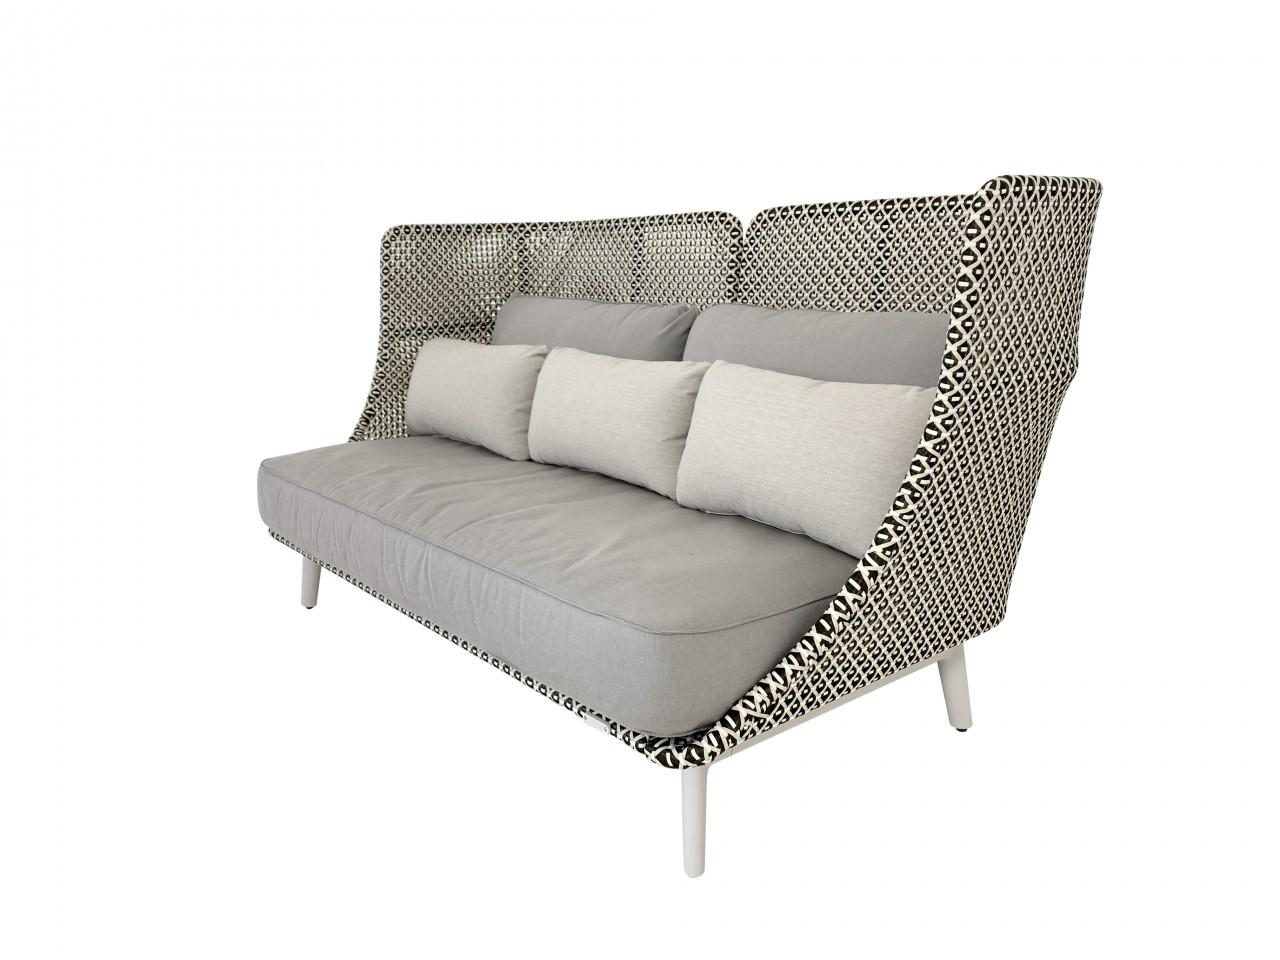 DEDON MBARQ Sofa mit hoher Rückenlehne in pepper mit Kissenset in taupe sowie drei Zusatzkissen sand